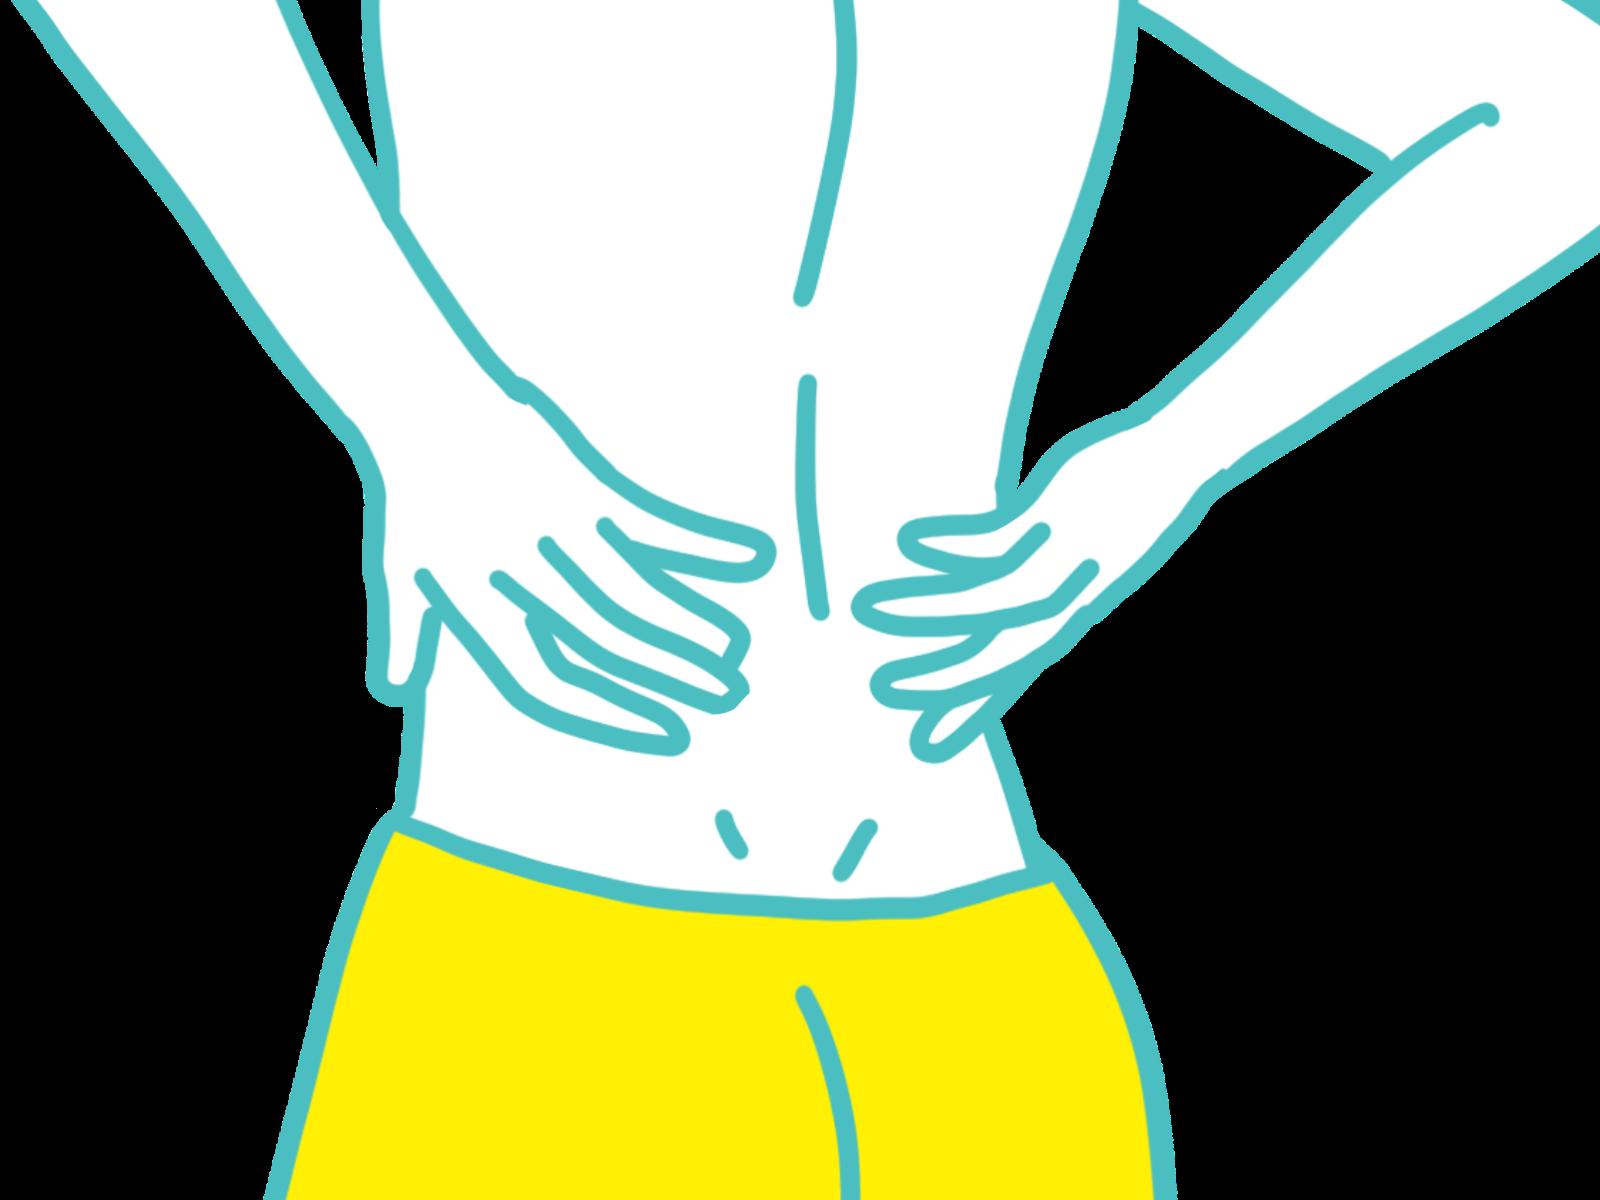 【イラストで解説!】腰痛治療で必要な運動11選